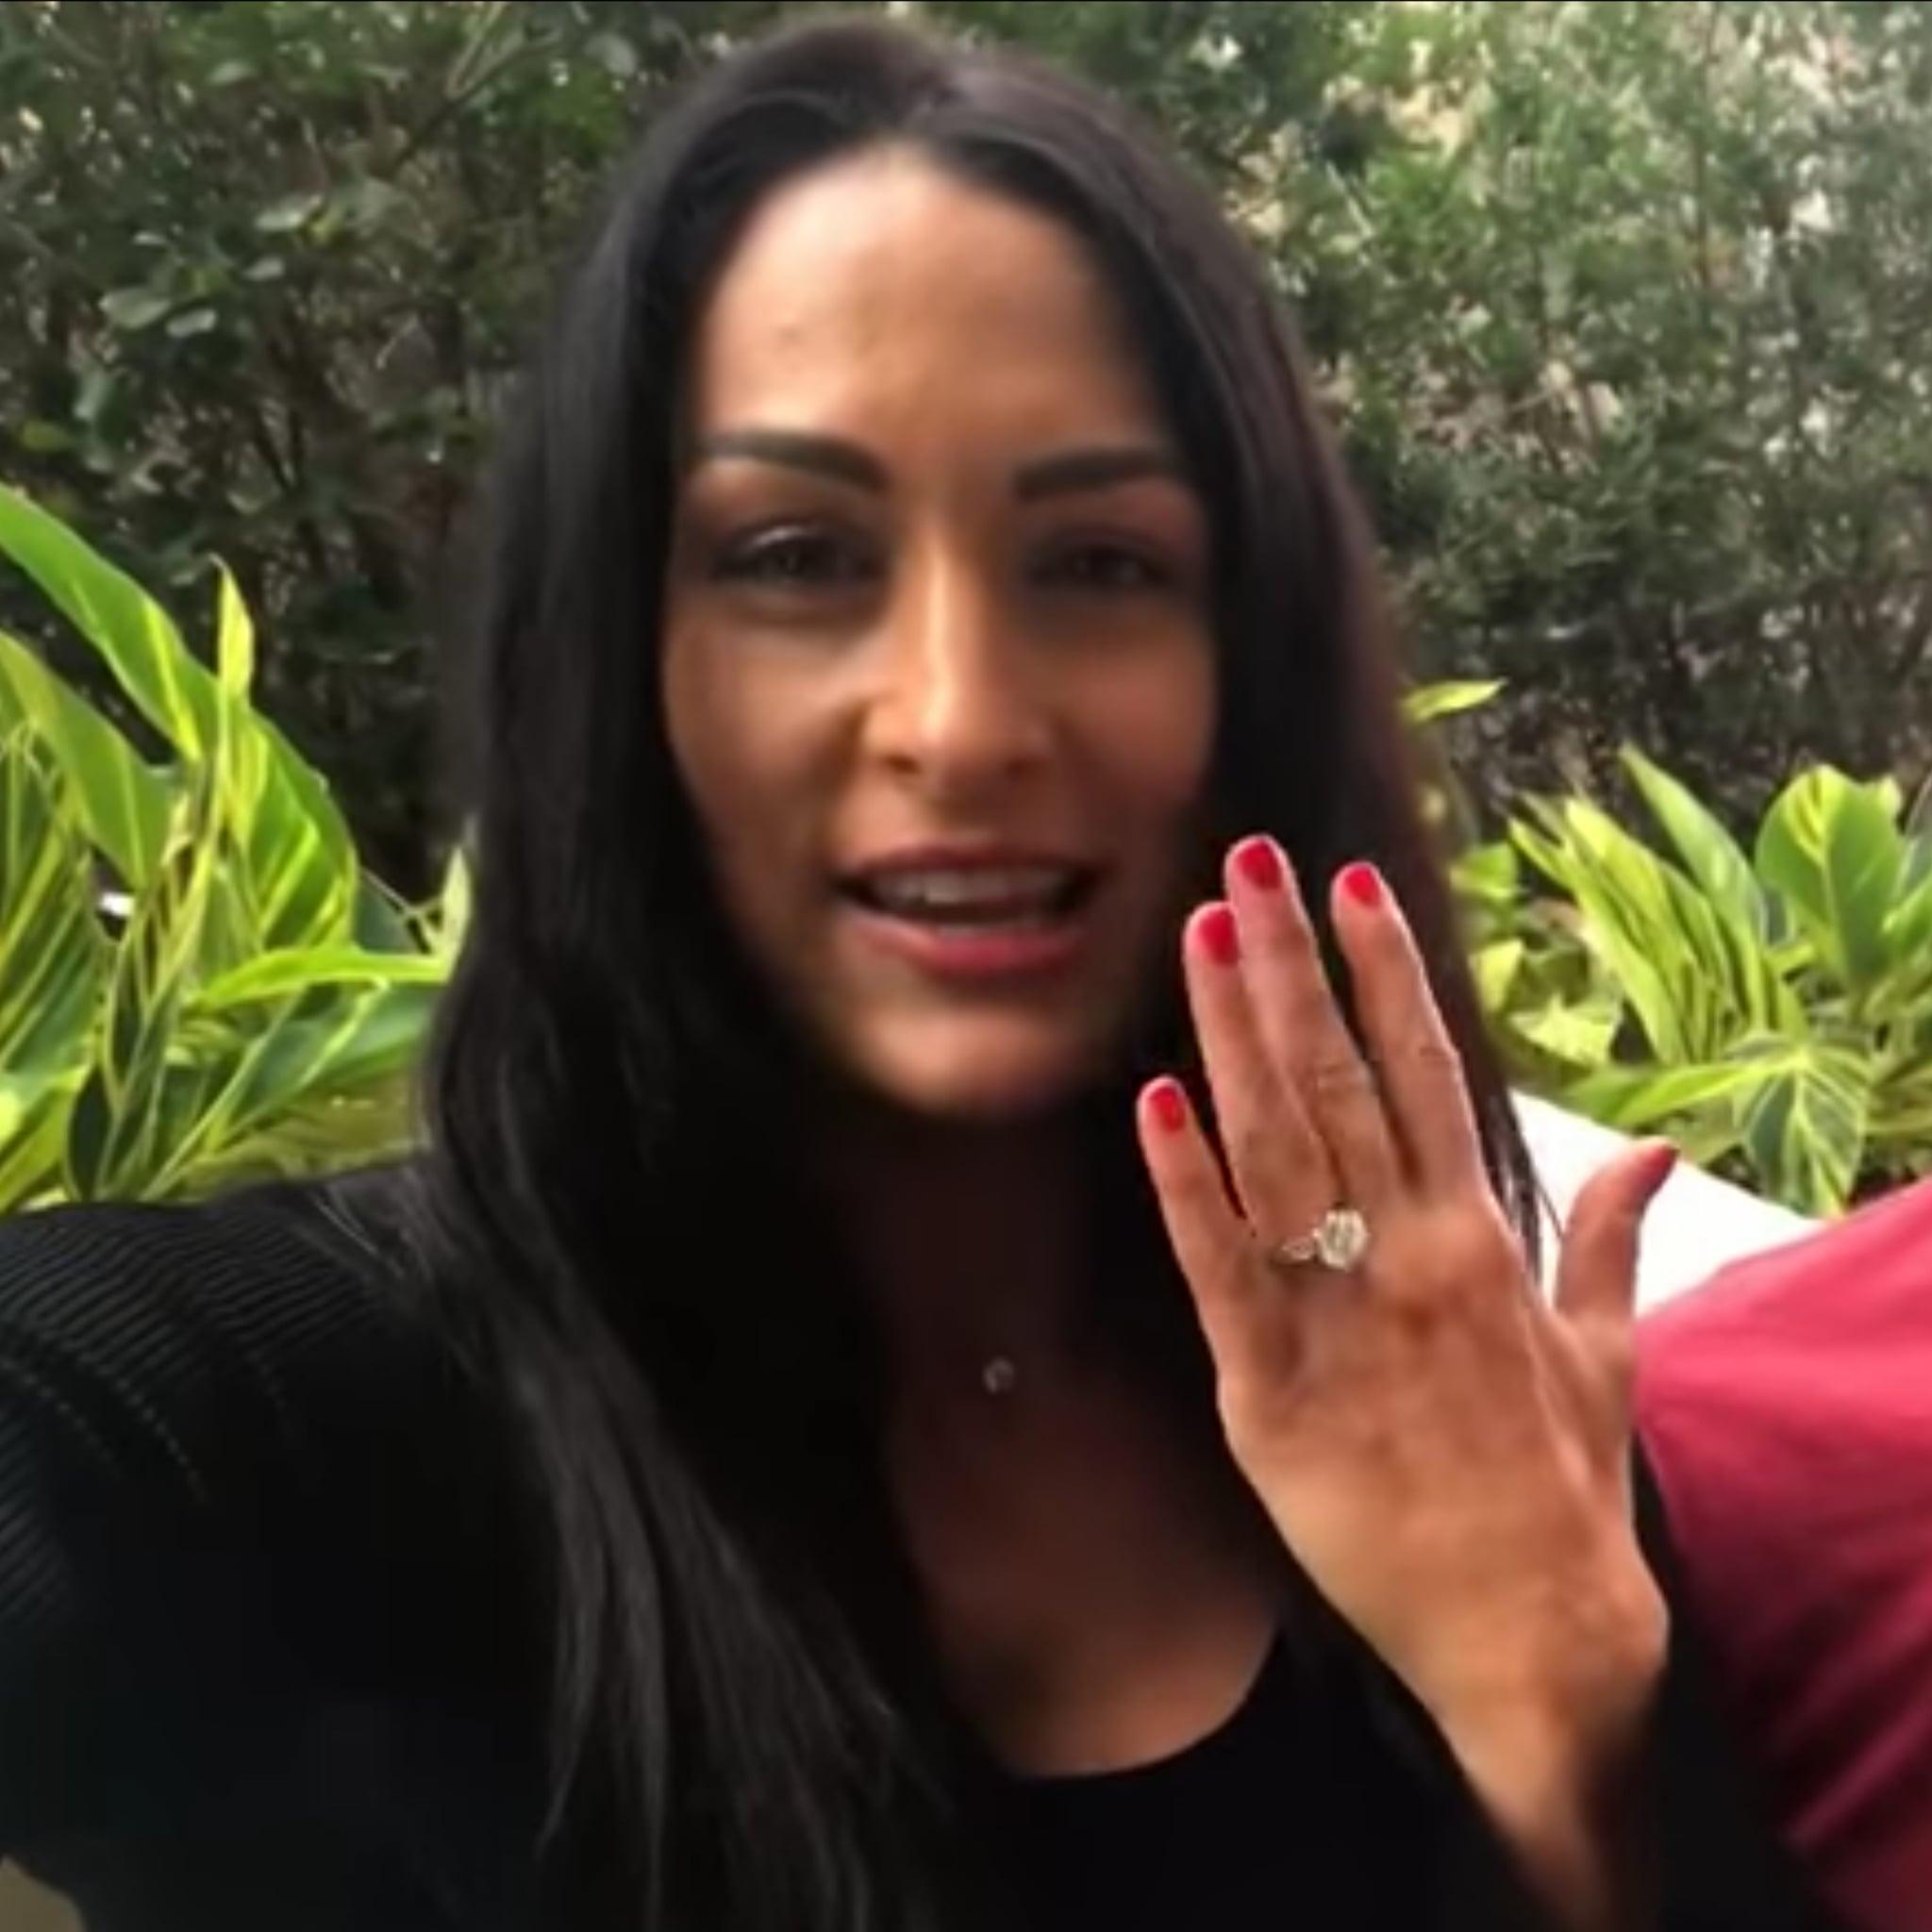 Nikki Bella bella's wedding ring Nikki Bella and John Cena Talk About Engagement Ring Meaning